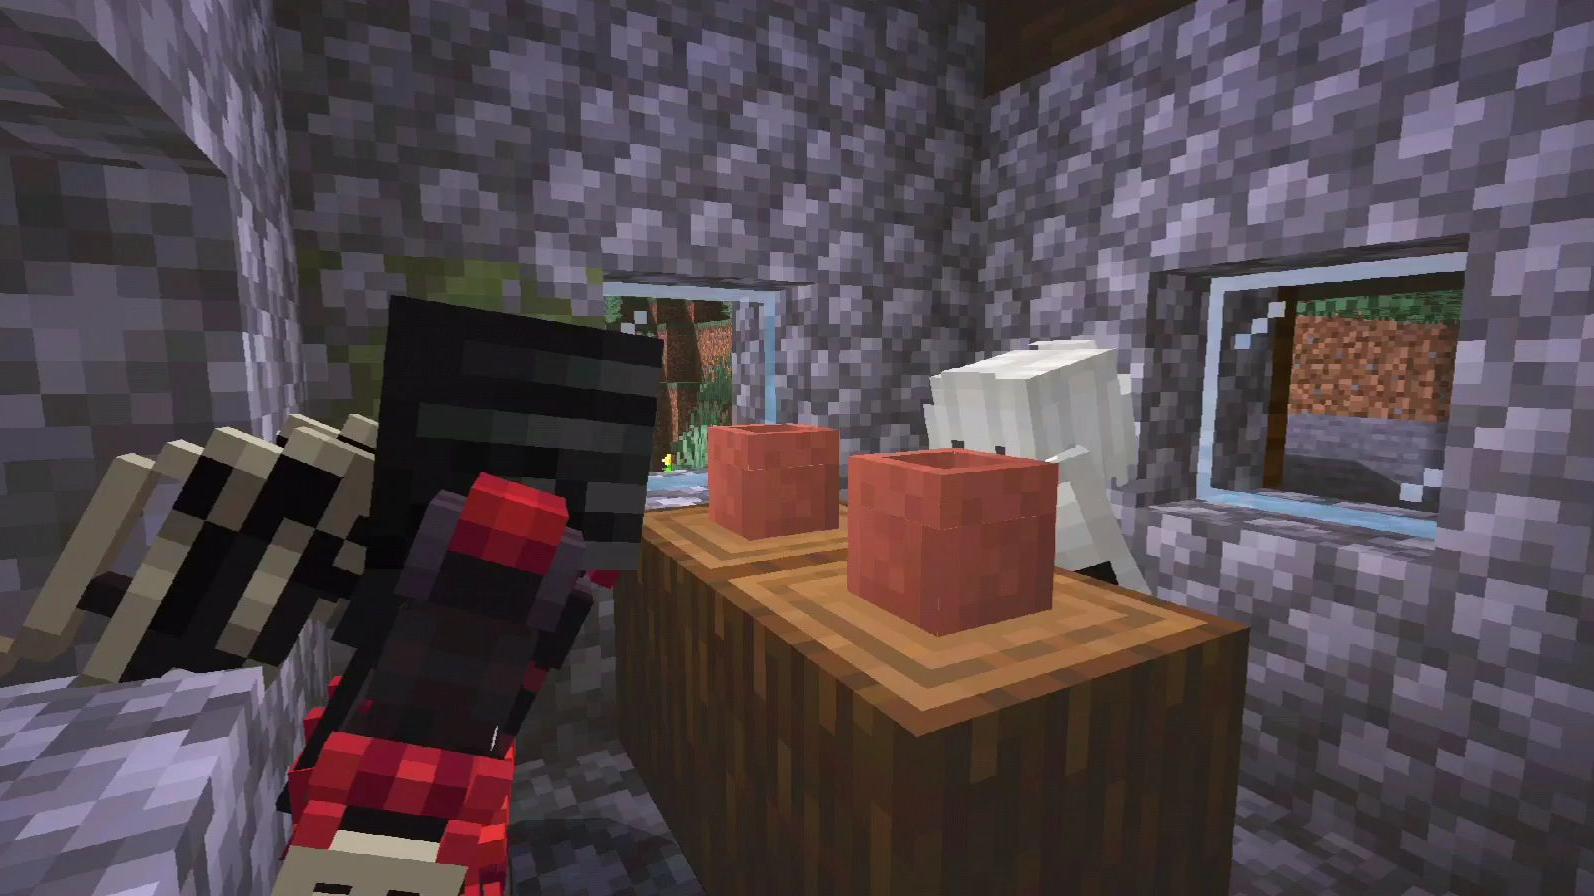 【Mc动画】[巨燃]《Minecraft训名传》第三集:爱恨情仇。